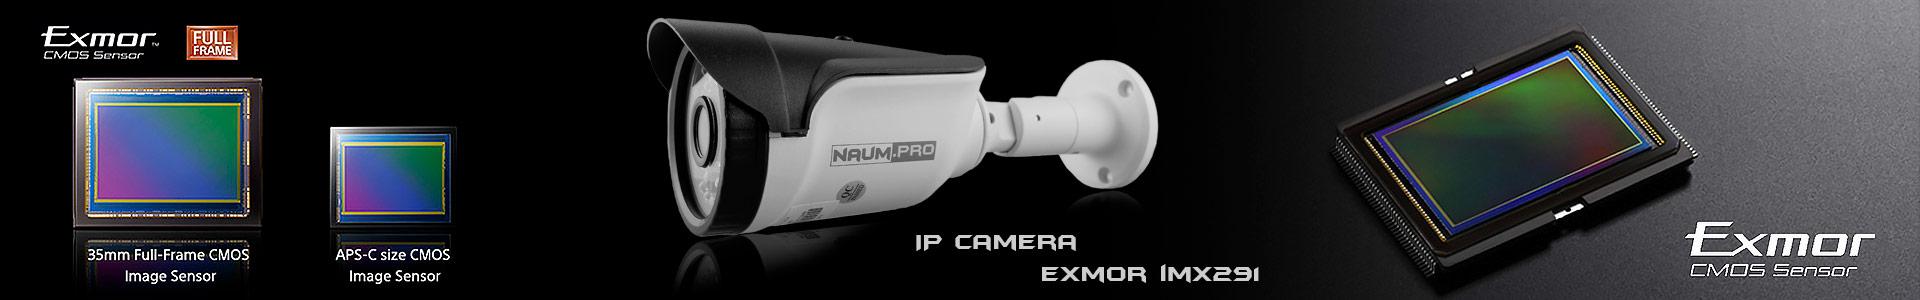 Высокочувствительная IP камера работает по технологии Starlight